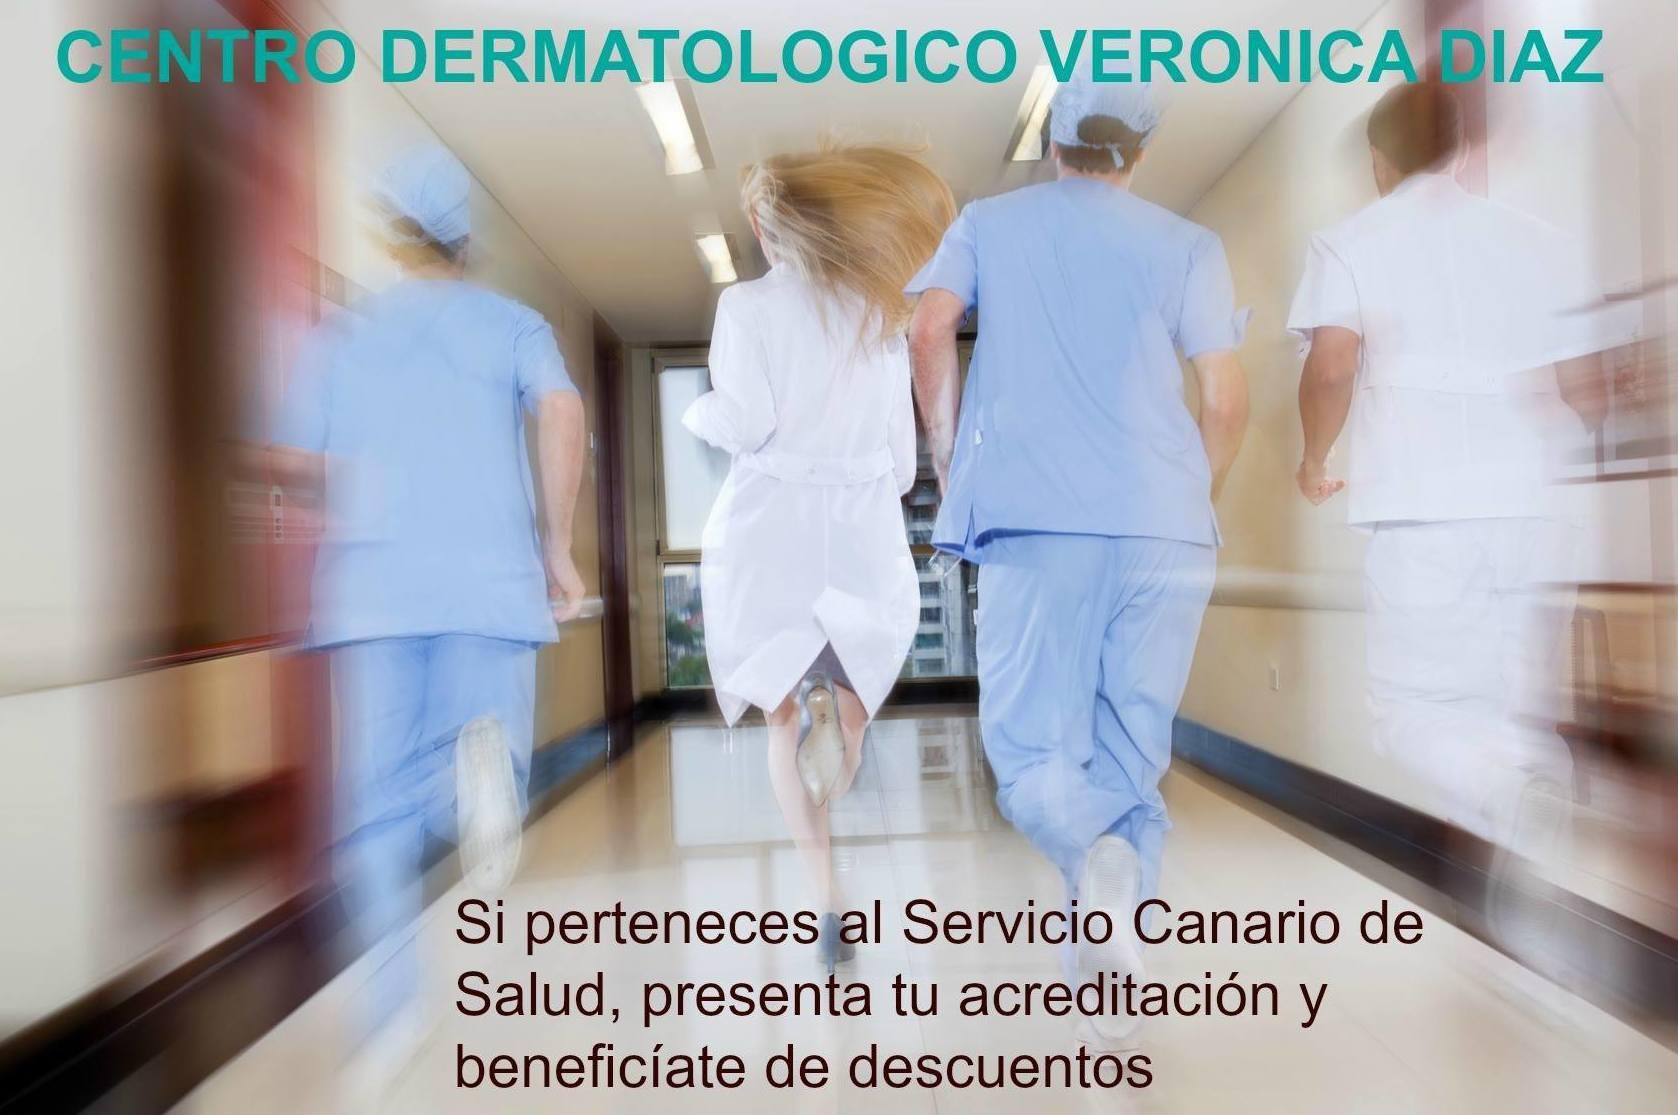 DESCUENTOS AL PERSONAL DEL SERVICIO CANARIO DE SALUD